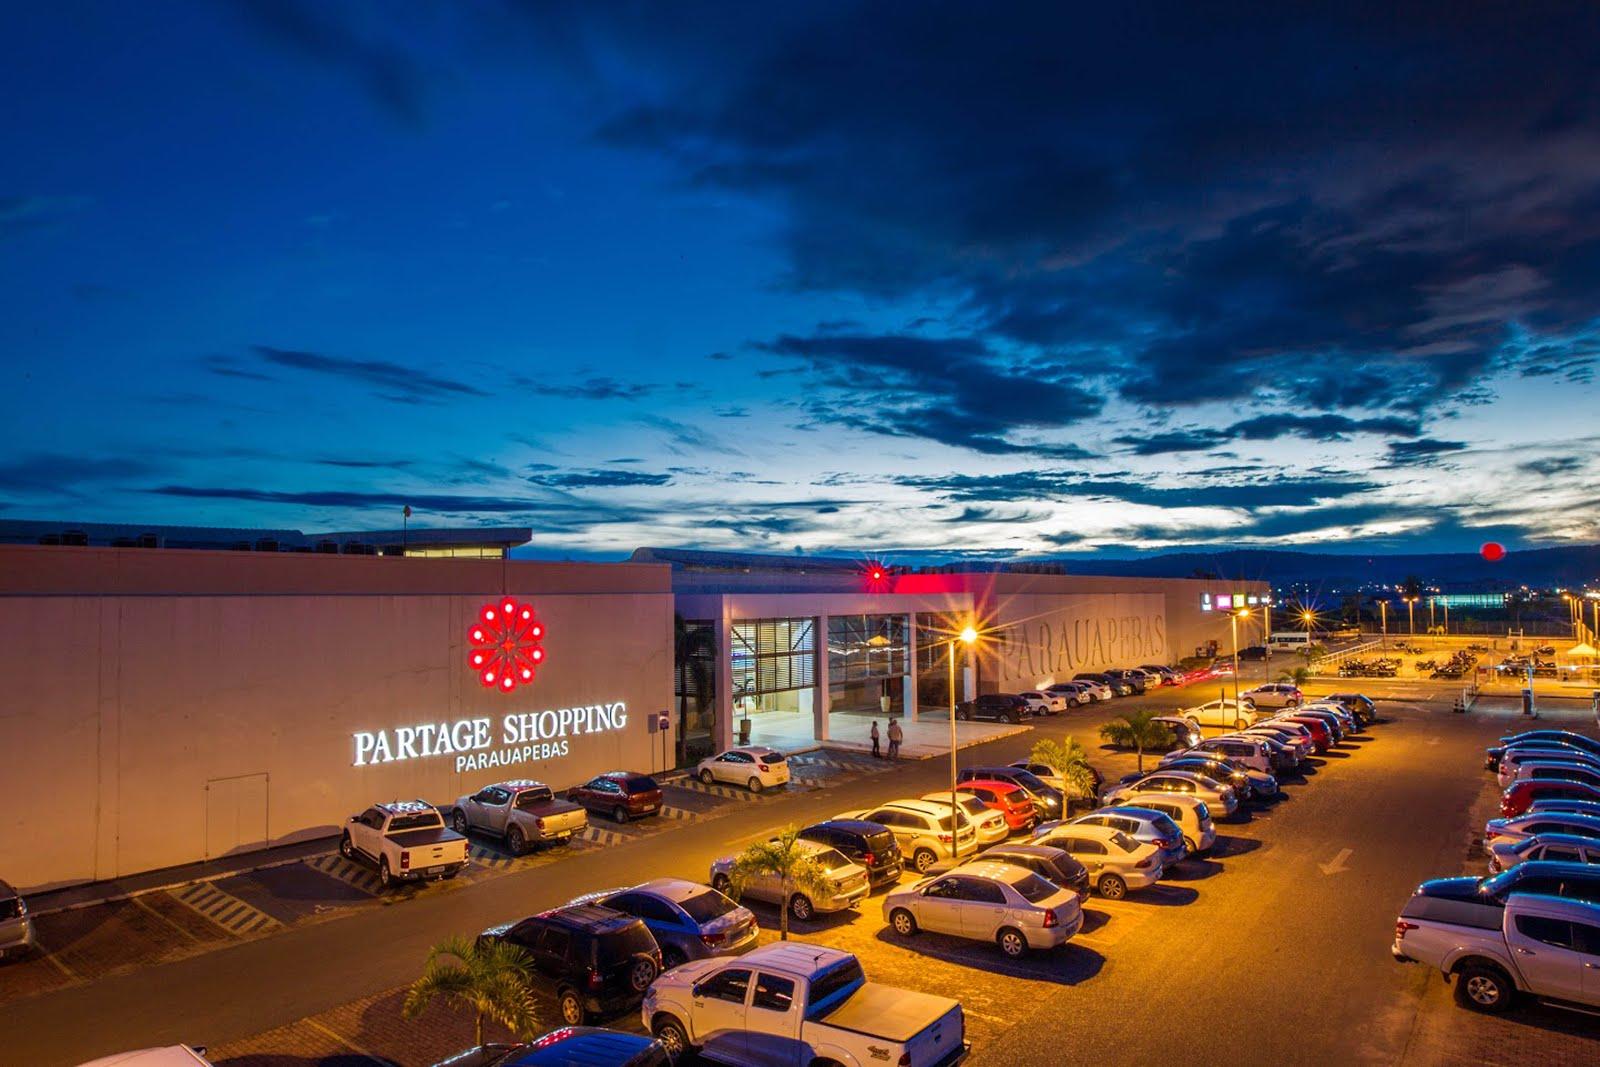 Partage Shopping Parauapebas recebe o maior Encontro Geek da região